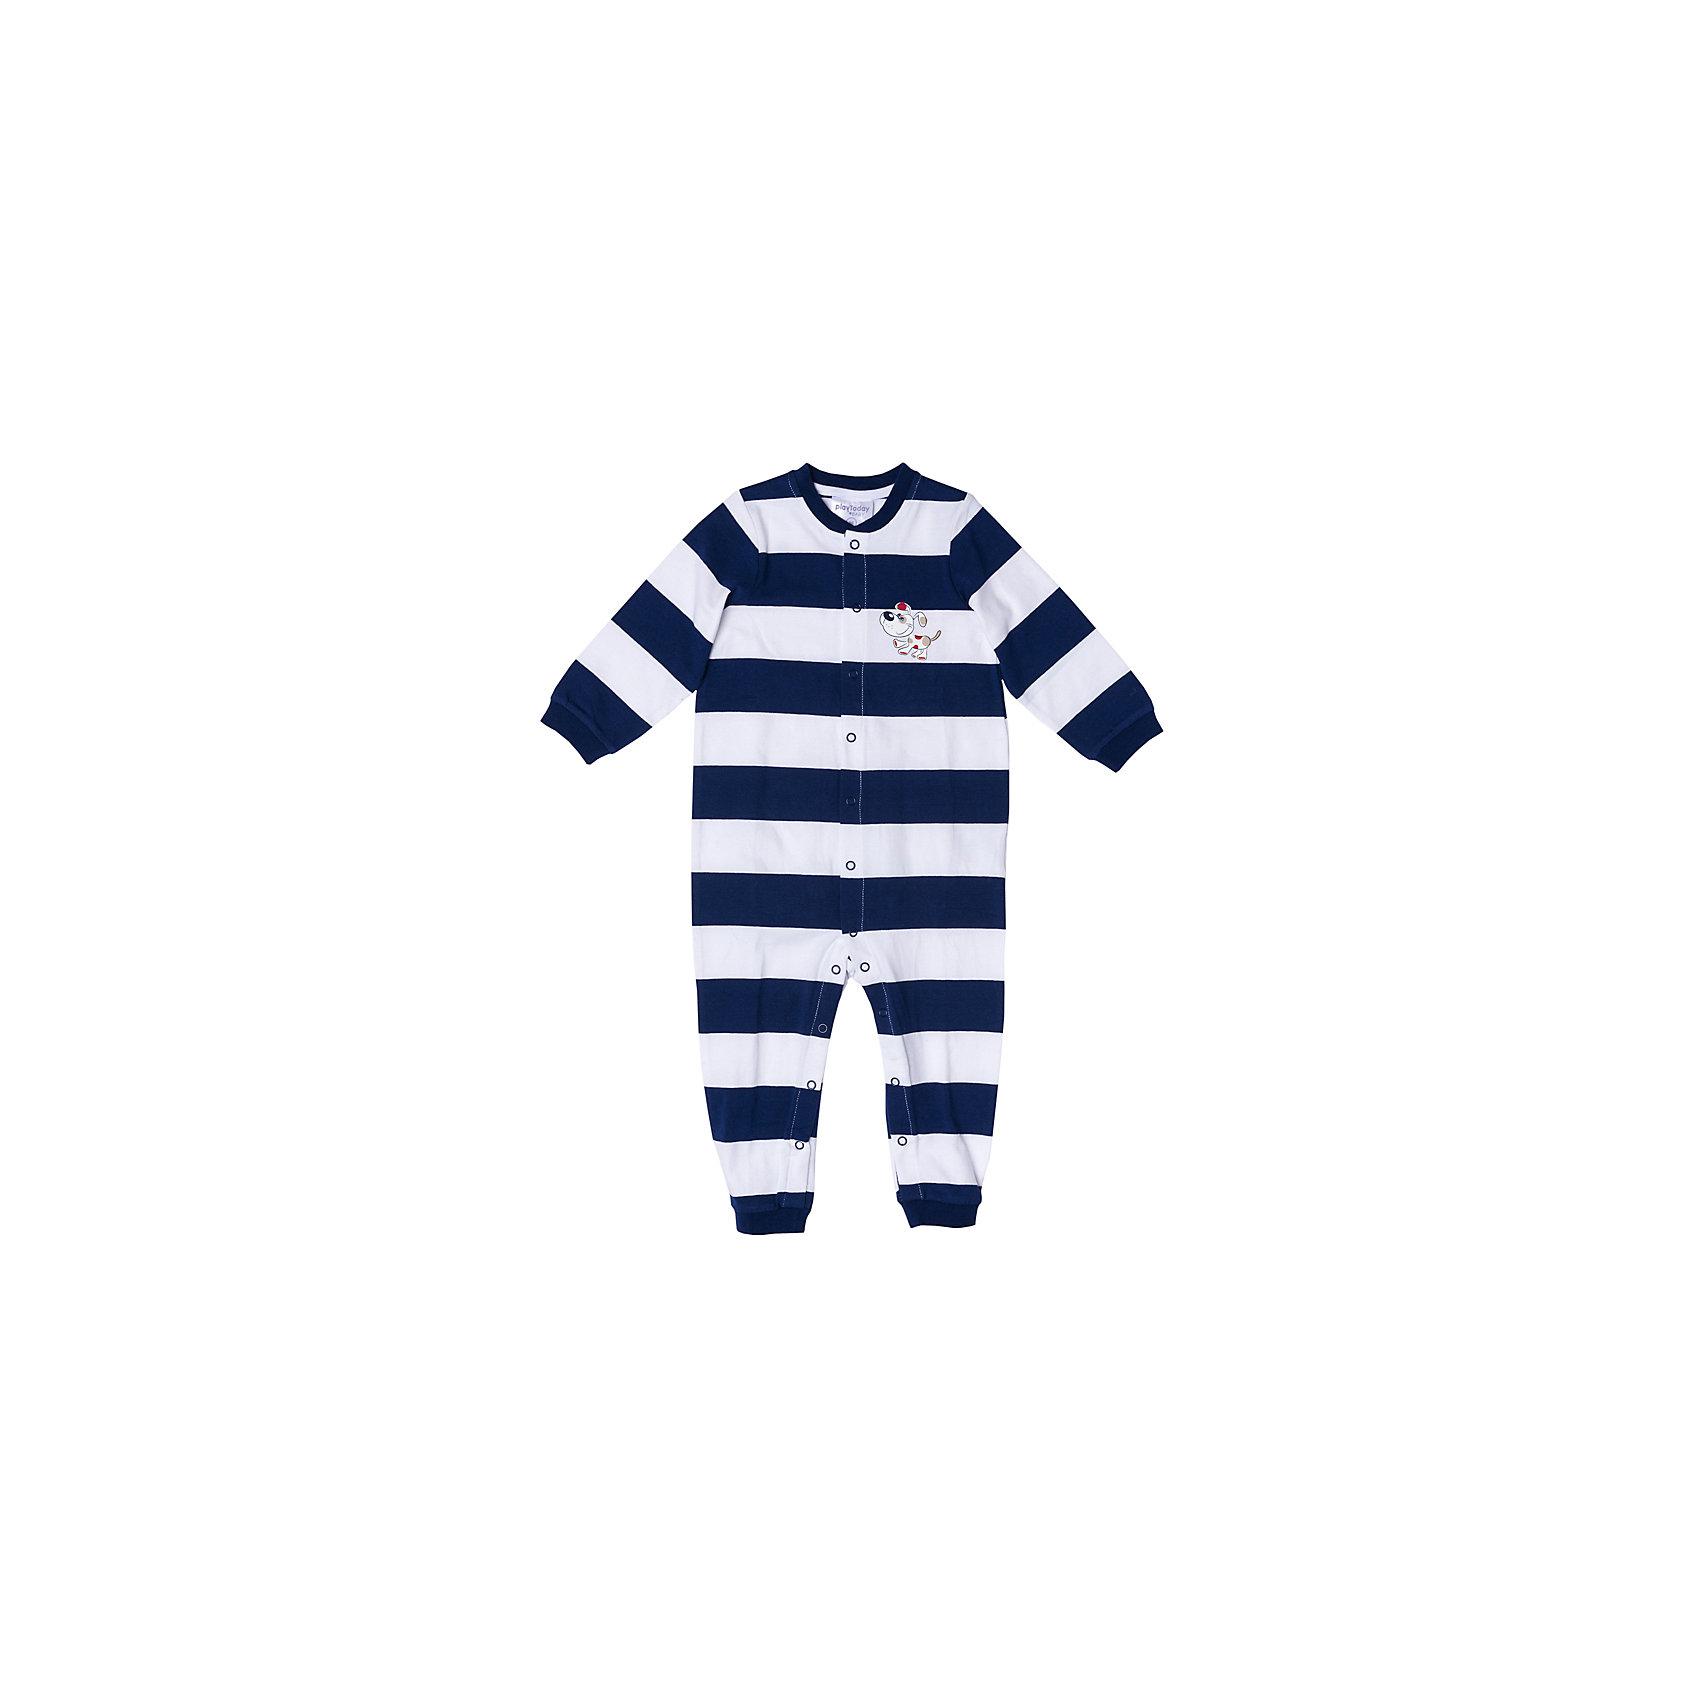 Комбинезон для мальчика PlayTodayКомбинезоны<br>Комбинезон для мальчика PlayToday<br>Комбинезон из мягкой хлопковой ткани разнообразит гардероб Вашего малыша. Модель выполнена методомyarn dyed - в процессе производства в полотне используются разного цвета нити. Тем самым изделие, при рекомендуемом уходе, не линяет и надолго остается в прежнем виде, это определенный знак качества. Материал приятен к телу и не вызывает раздражений. Аккуратные швы не вызывают неприятных ощущений. Модель на застежках - кнопках, для удобства снимания и одевания.Преимущества: Метод производства - YARN DYEDАккуратные швы не вызывают неприятных ощущений.Модель на застежках - кнопках<br>Состав:<br>95% хлопок, 5% эластан<br><br>Ширина мм: 157<br>Глубина мм: 13<br>Высота мм: 119<br>Вес г: 200<br>Цвет: разноцветный<br>Возраст от месяцев: 18<br>Возраст до месяцев: 24<br>Пол: Мужской<br>Возраст: Детский<br>Размер: 92,74,80,86<br>SKU: 5407784